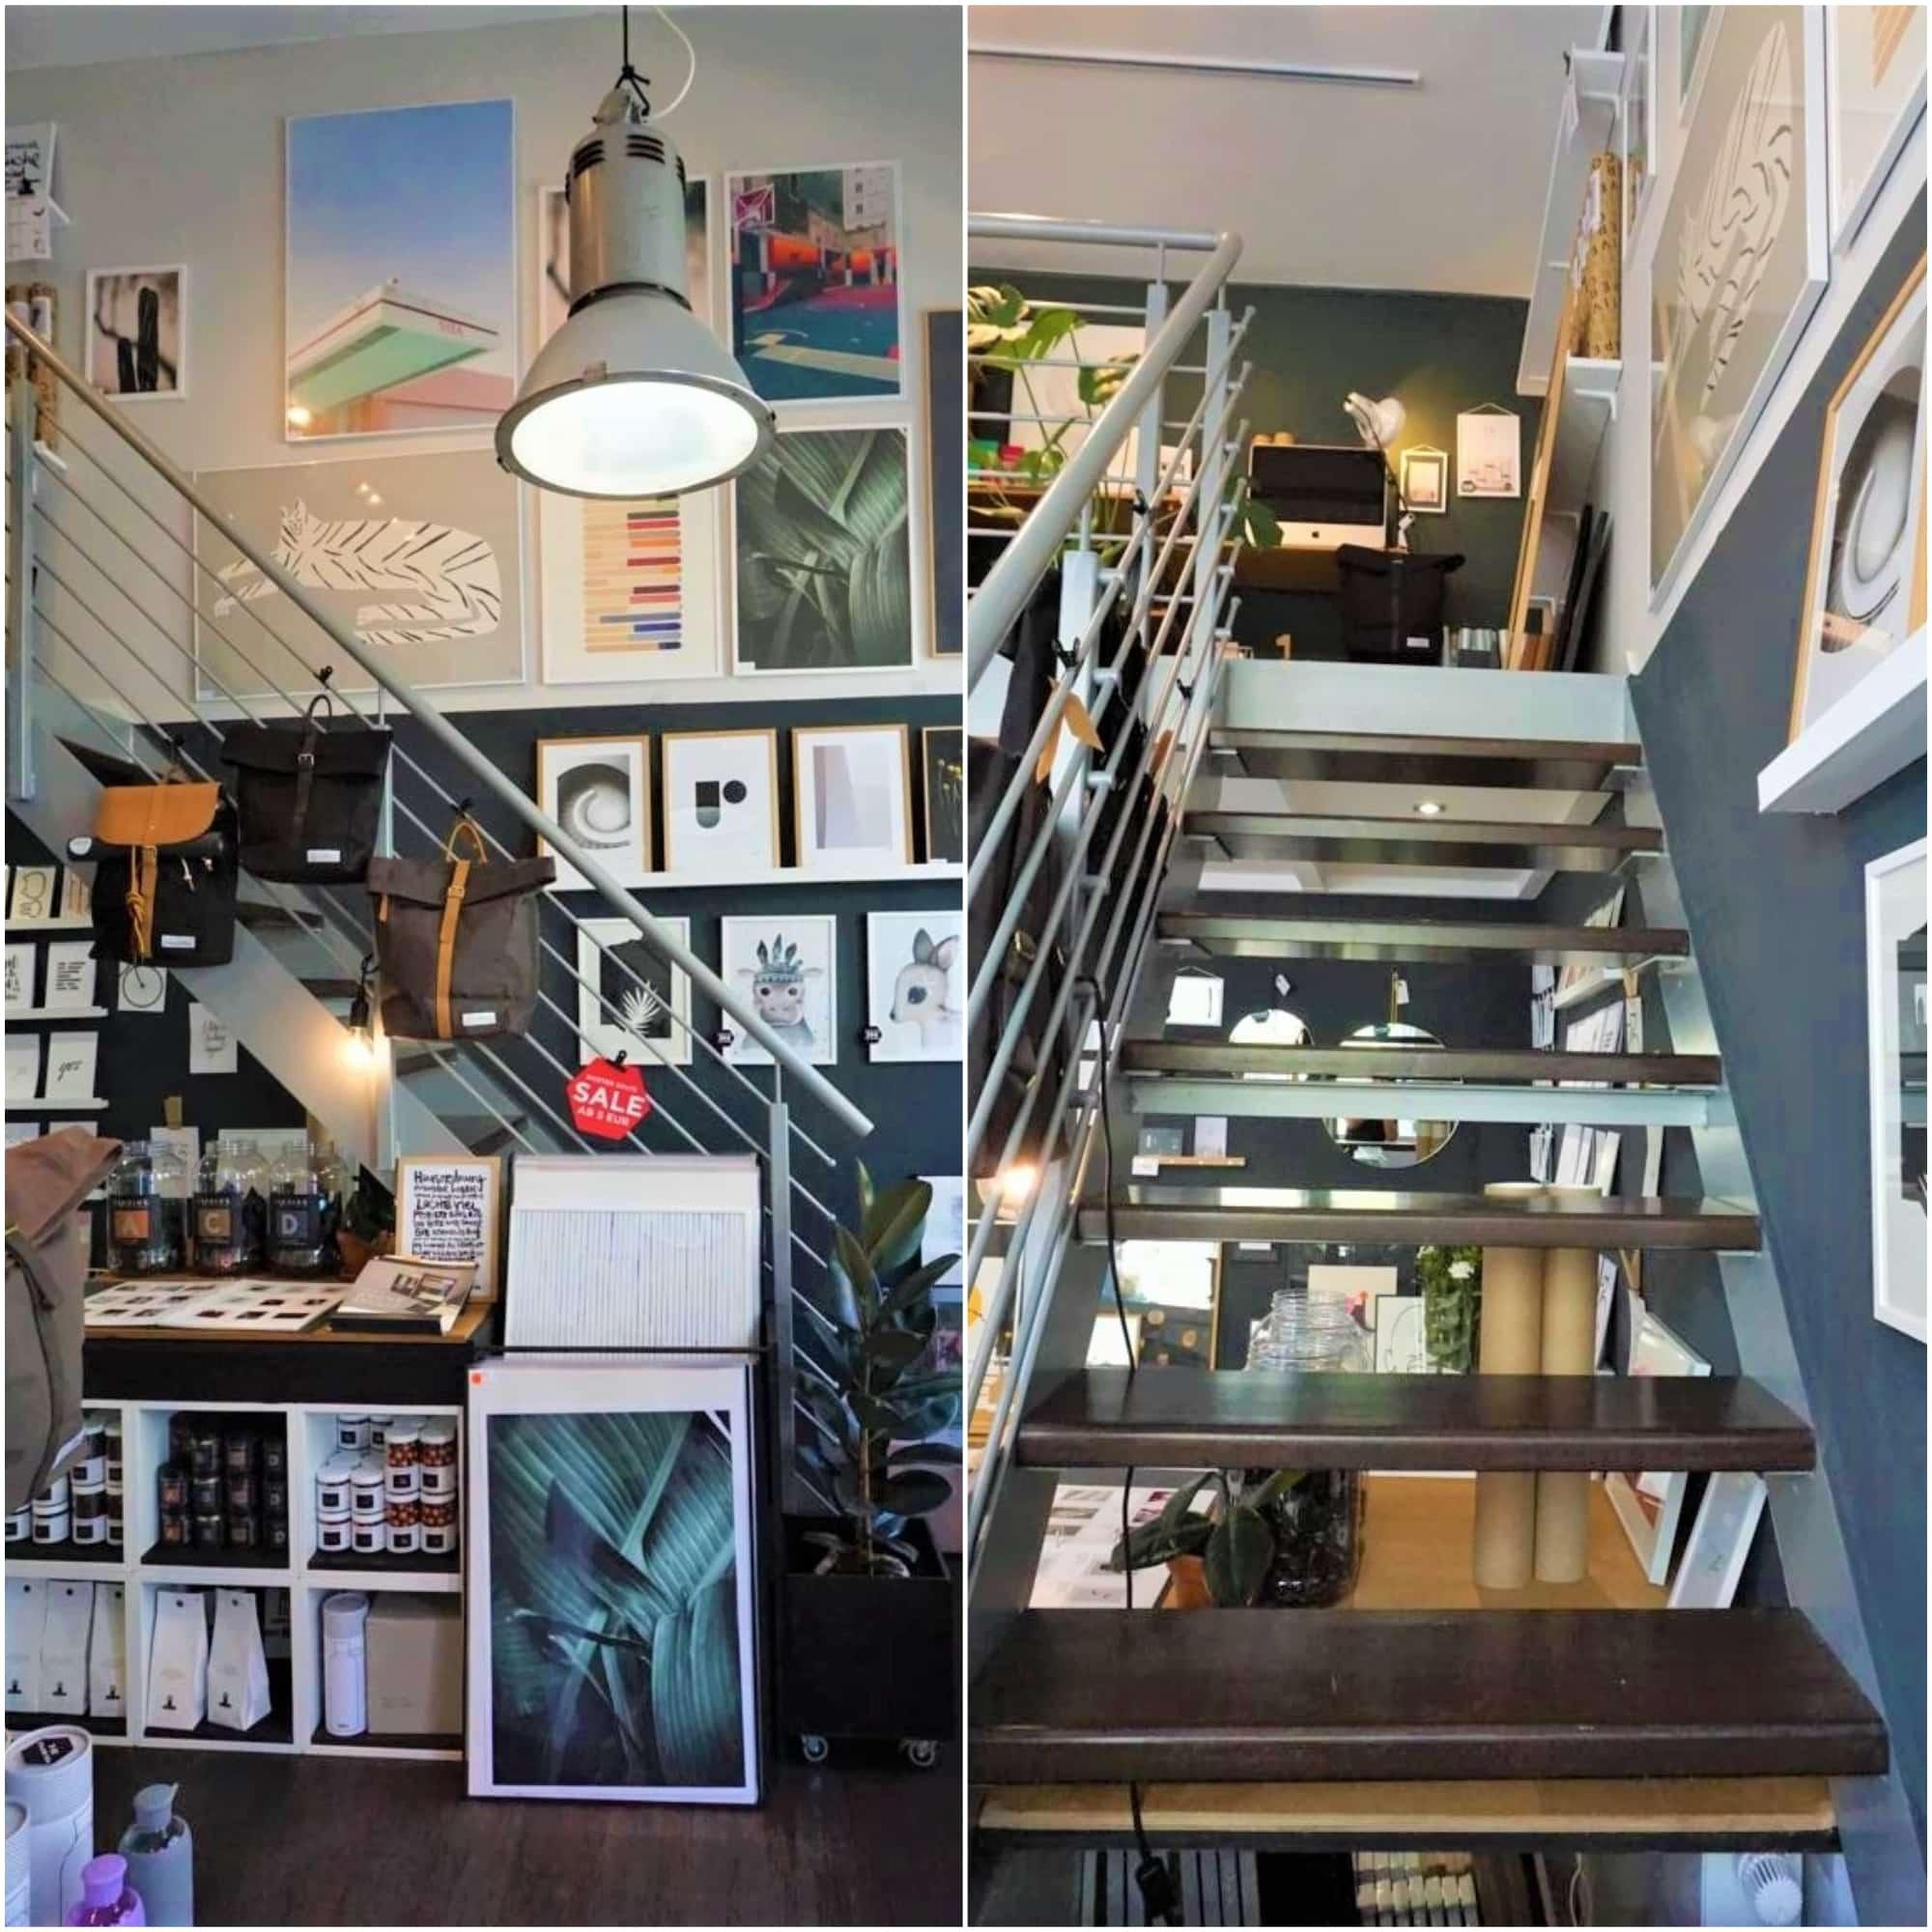 Style Hannover Viewme Collage 1 - viewme.design - Ein Herz für Poster